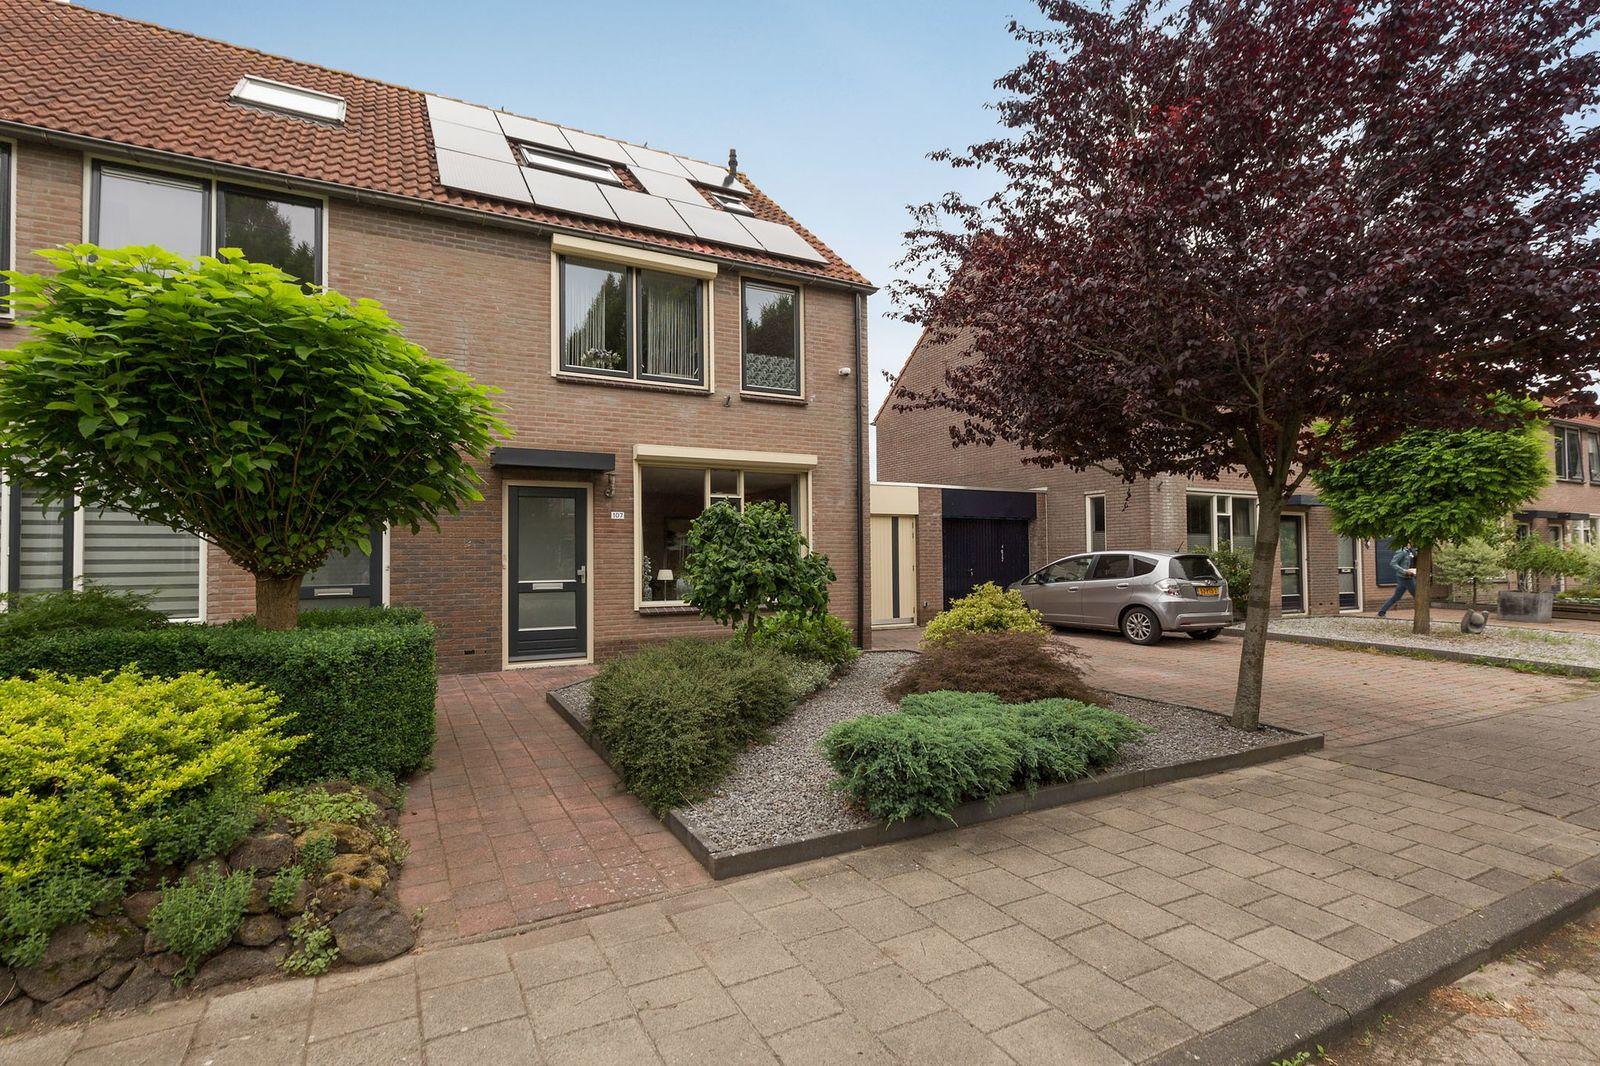 Boerhoorndreef 107, Assen